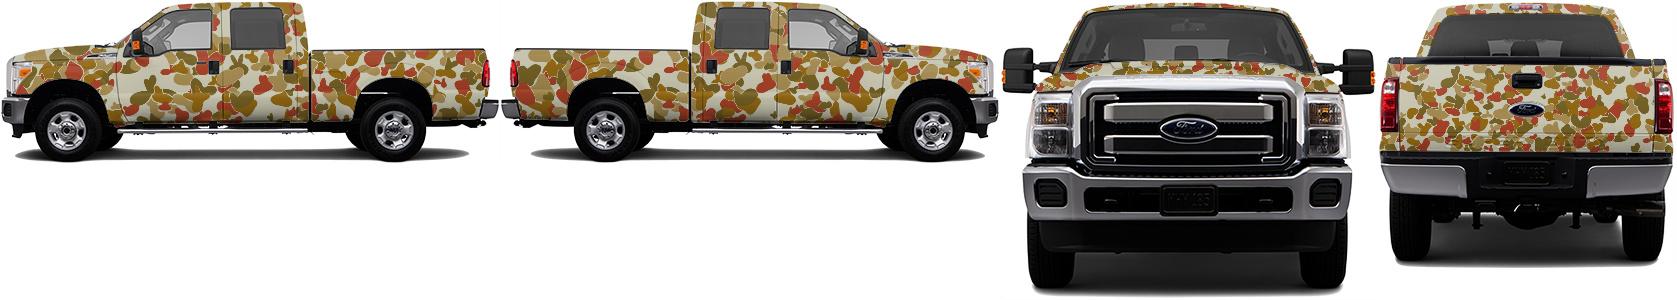 Truck Wrap #49684